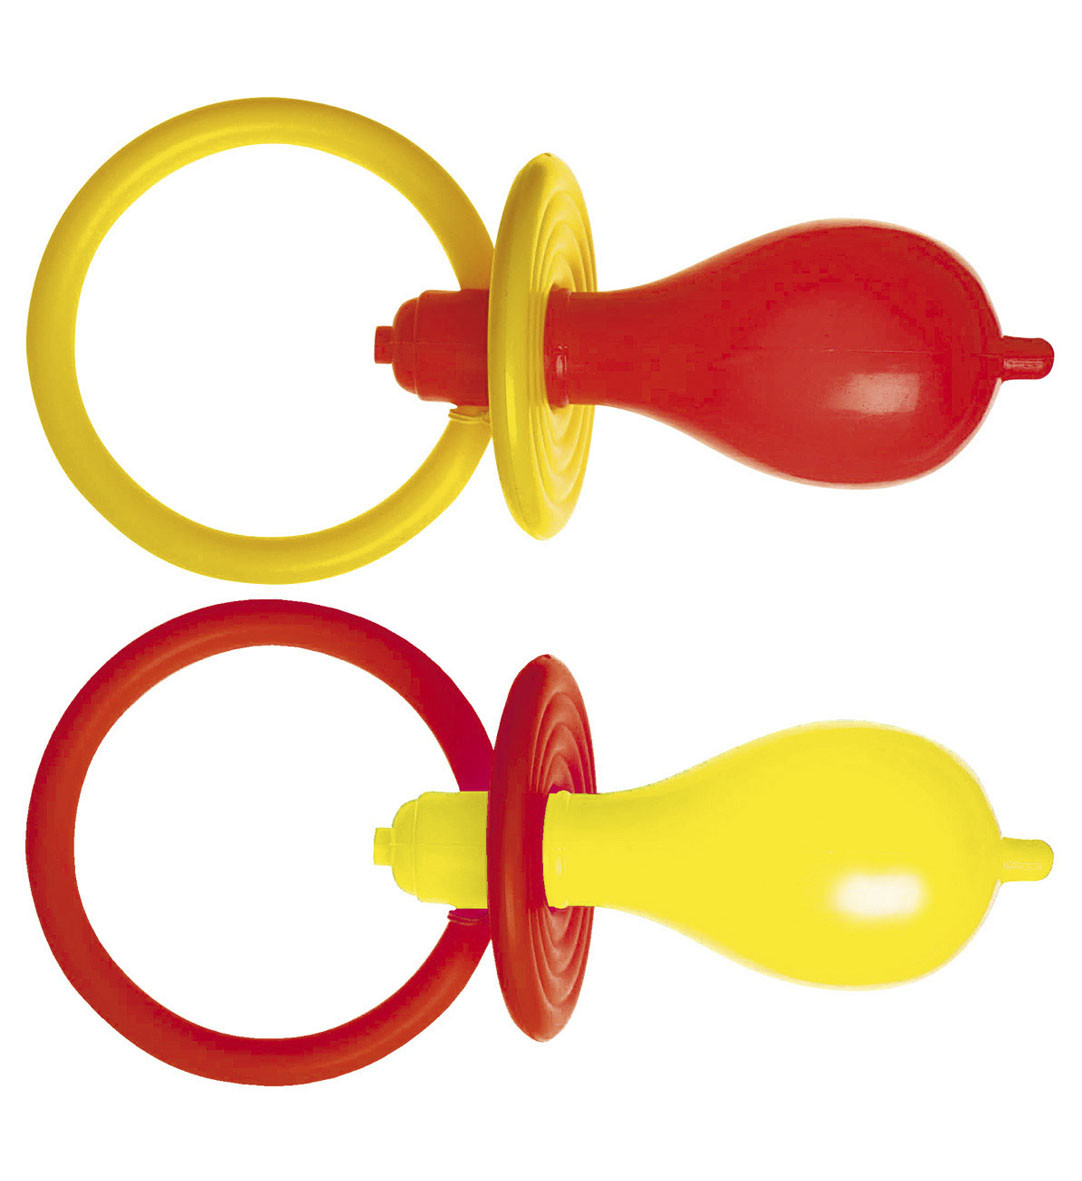 ΓΙΓΑΝΤΙΑ ΠΙΠΙΛΑ ΜΕ ΗΧΟ κίτρινο & κόκκινο